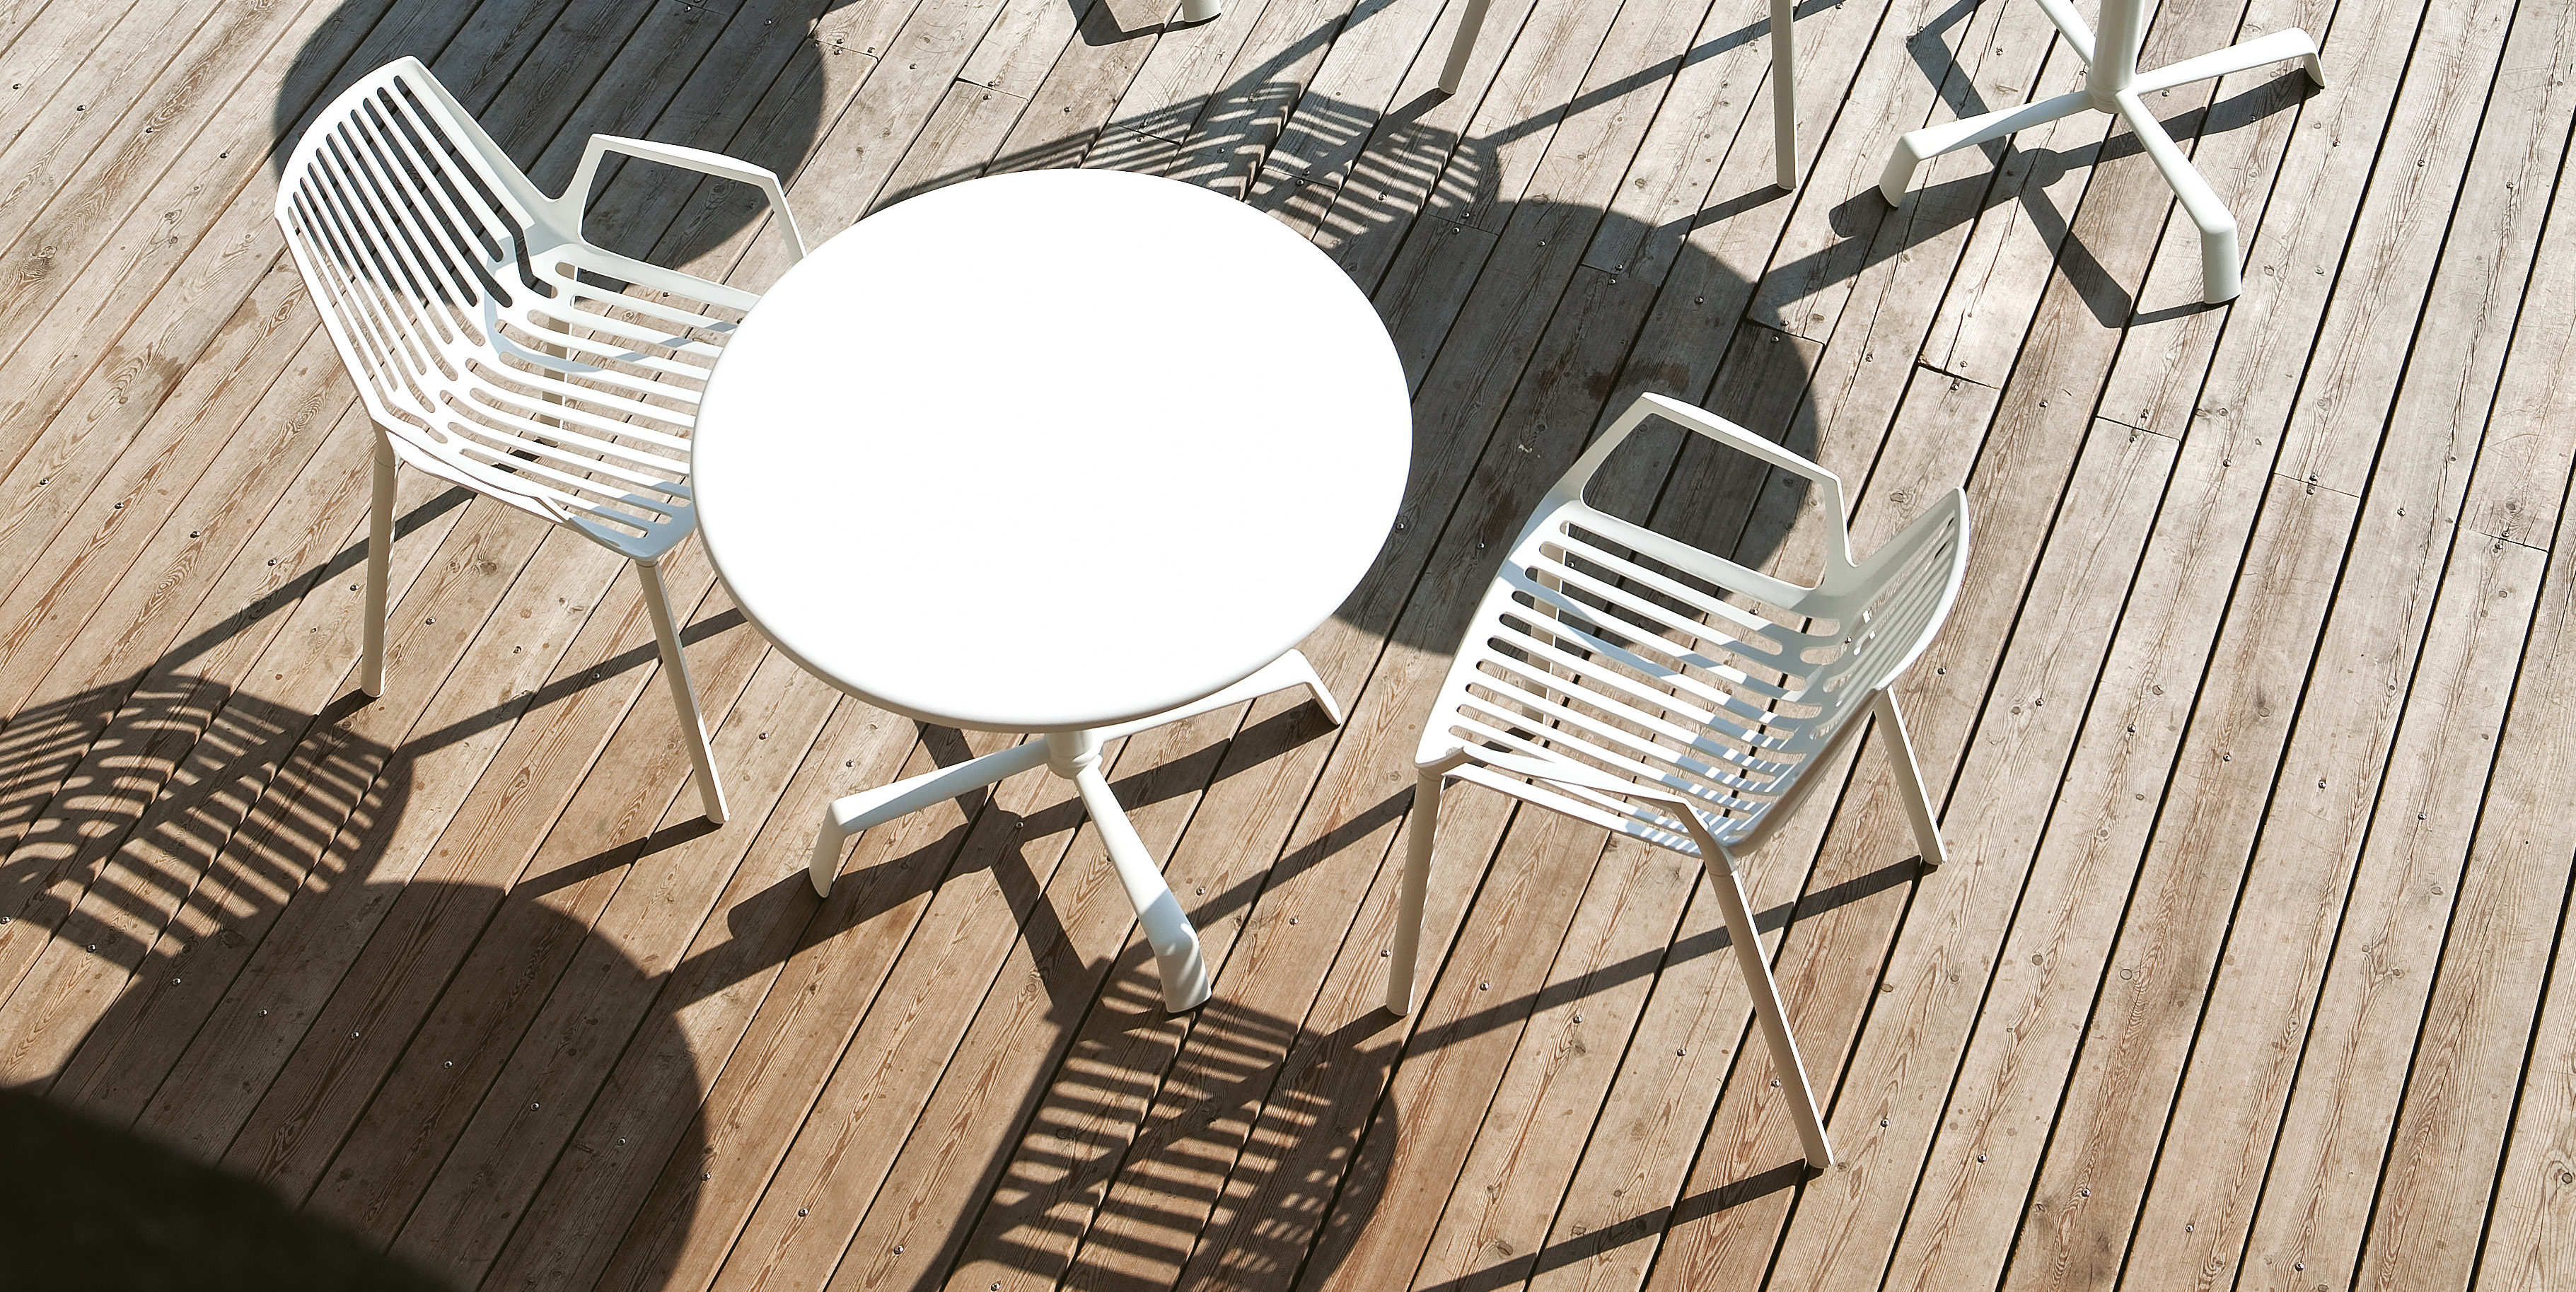 fauteuil RION FAST BUXUS DESIGN